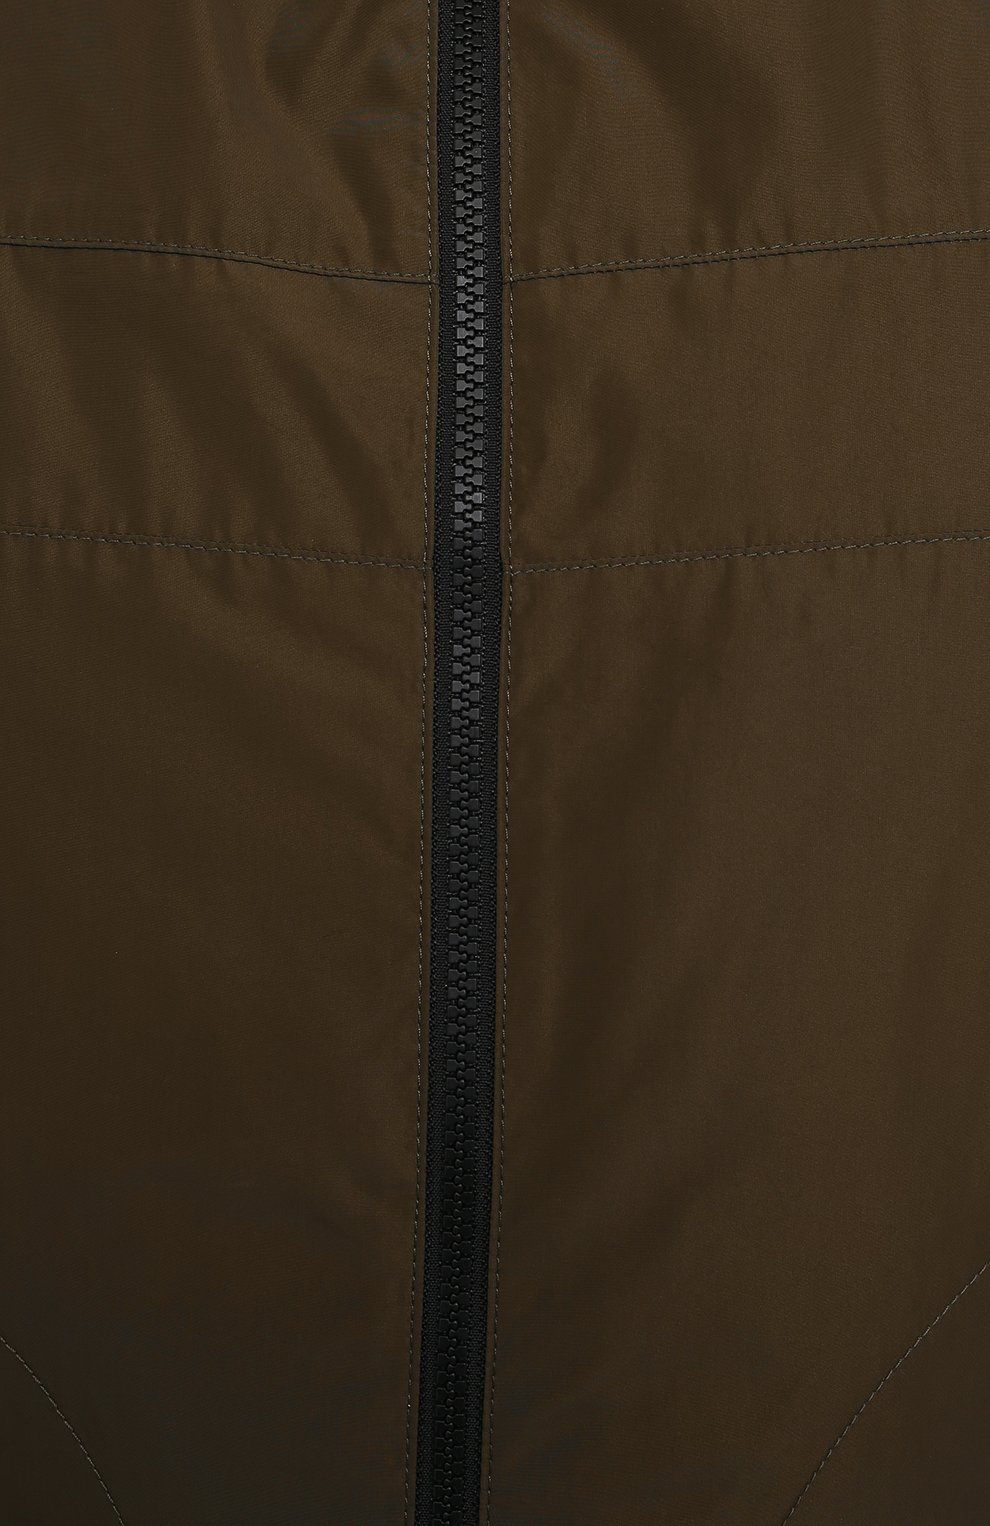 Мужской бомбер BOGNER хаки цвета, арт. 38612487   Фото 5 (Кросс-КТ: Куртка; Big sizes: Big Sizes; Рукава: Длинные; Принт: Без принта; Материал внешний: Синтетический материал; Мужское Кросс-КТ: Верхняя одежда; Длина (верхняя одежда): Короткие; Стили: Кэжуэл)